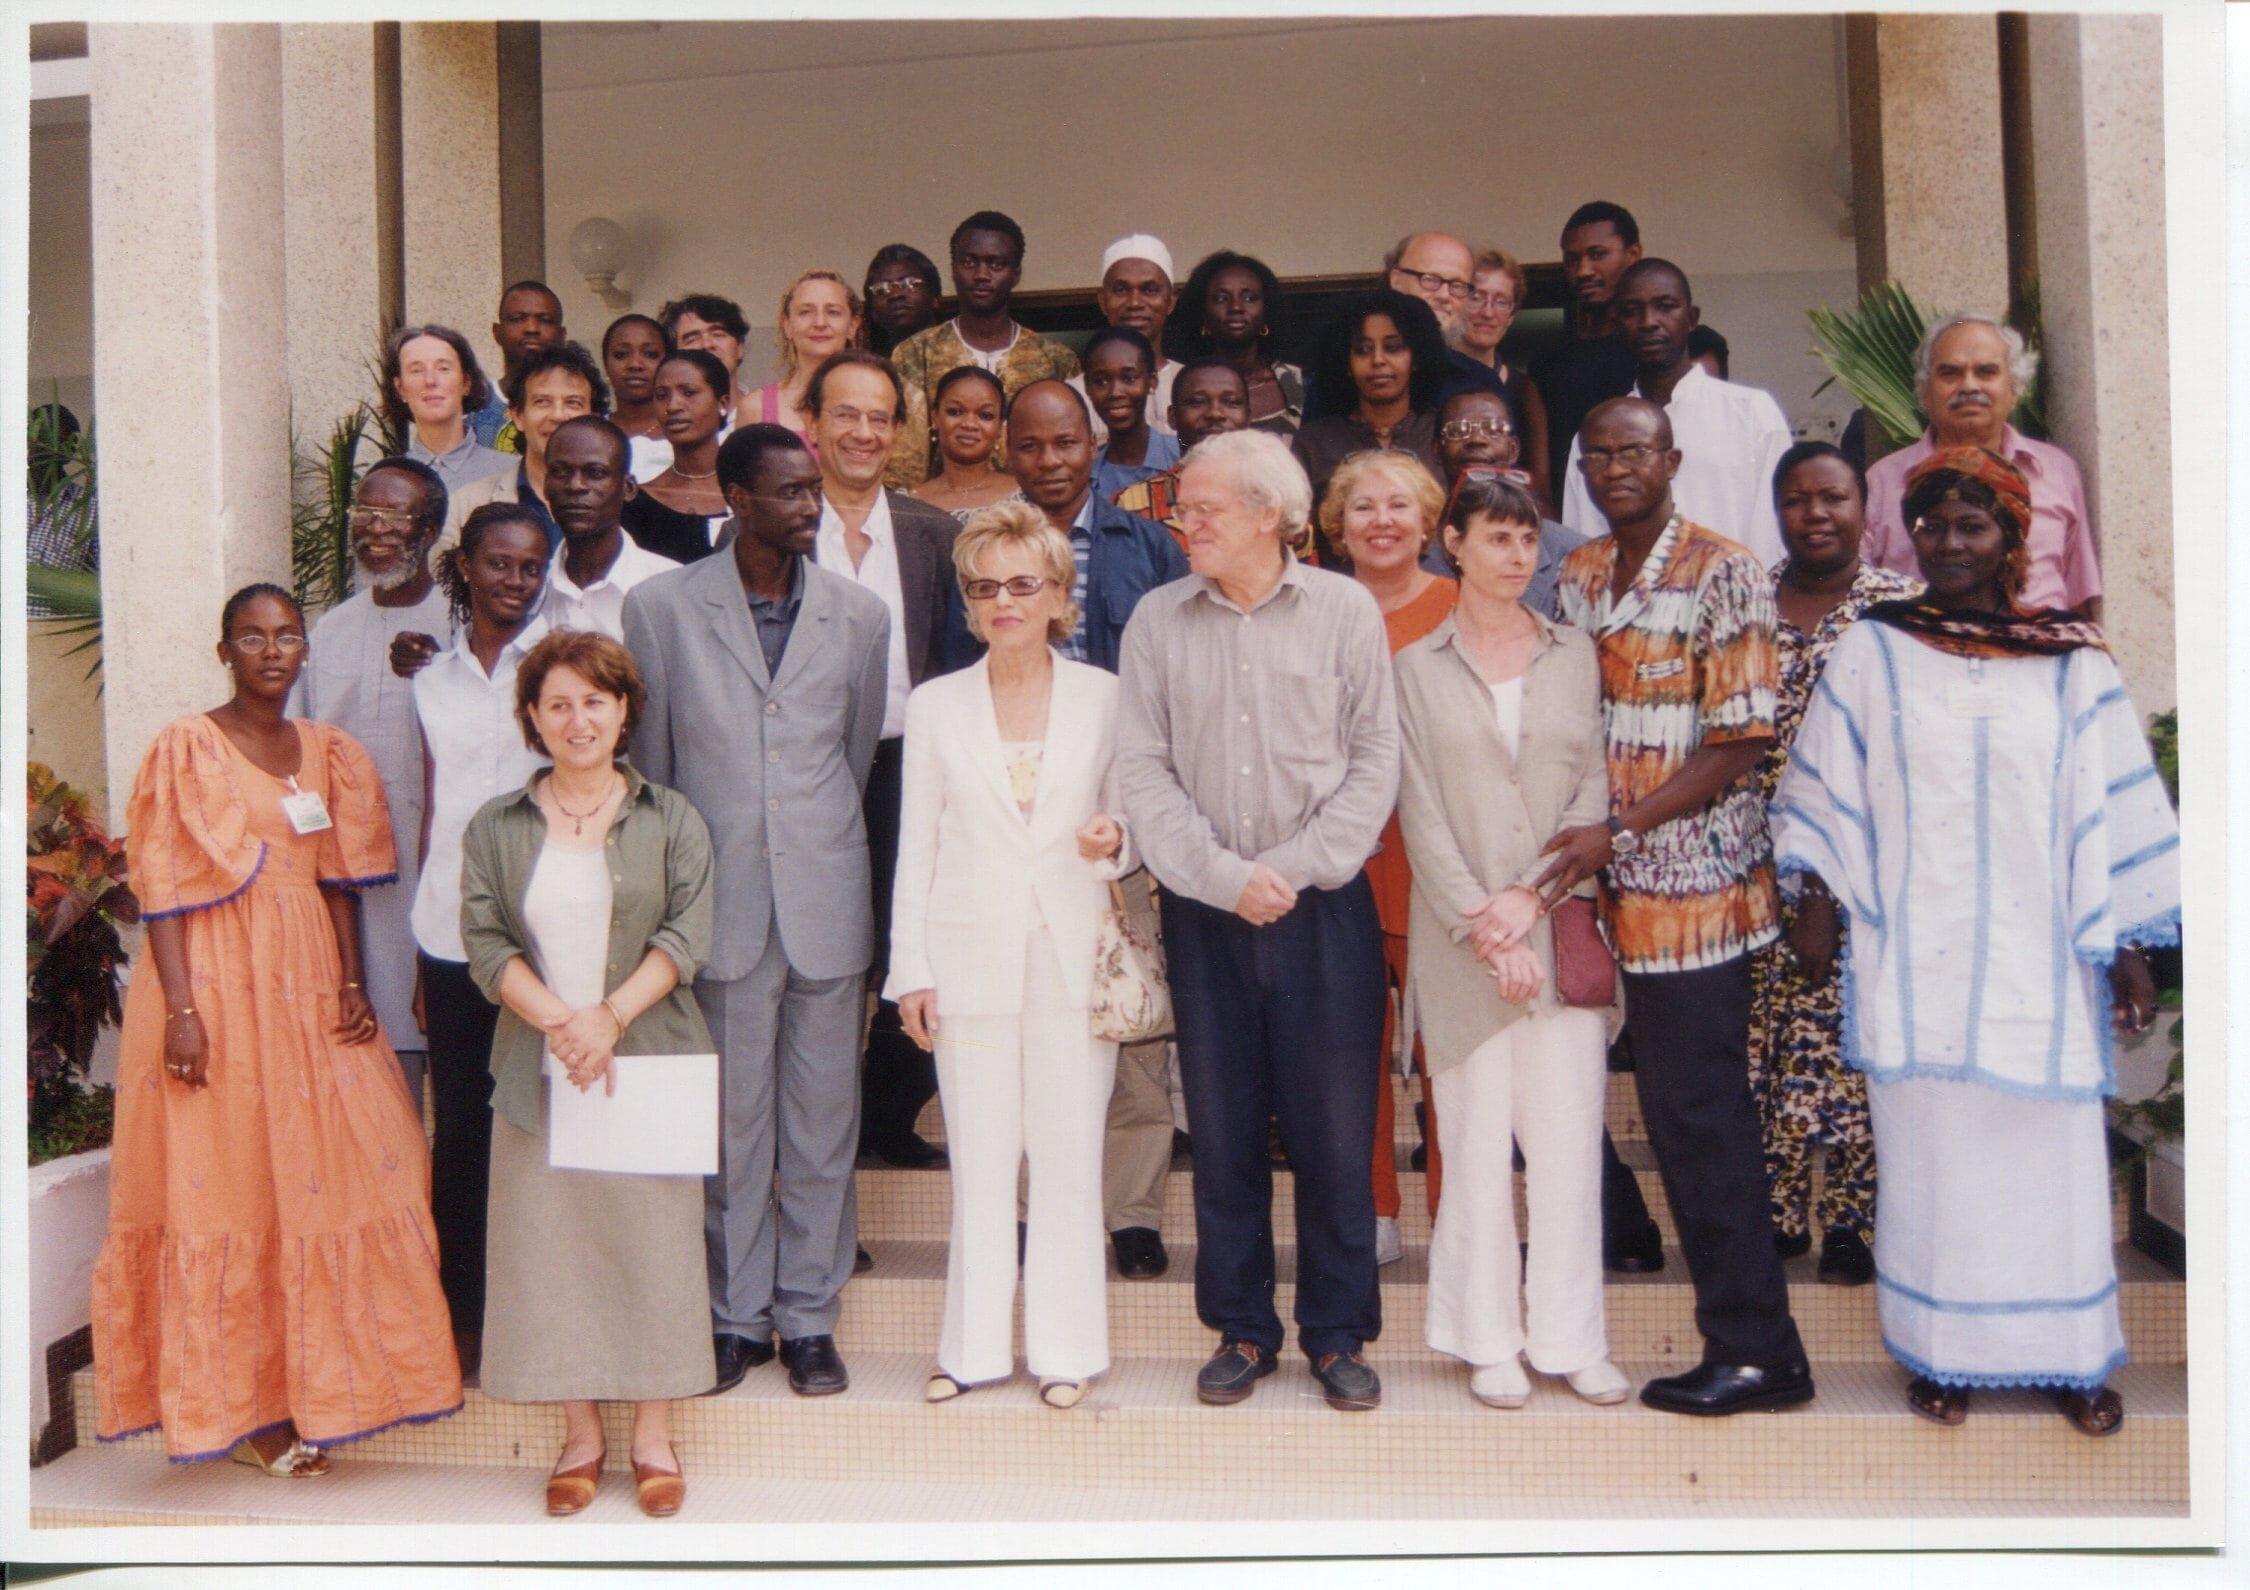 Séminaire sur la critique d'art en Afrique, Dakar, 25 juin- 3 juillet 2003, photographe inconnu, fonds AICA International [FR ACA AICAI THE CON058/1], collection INHA – Archives de la critique d'art. D.R.